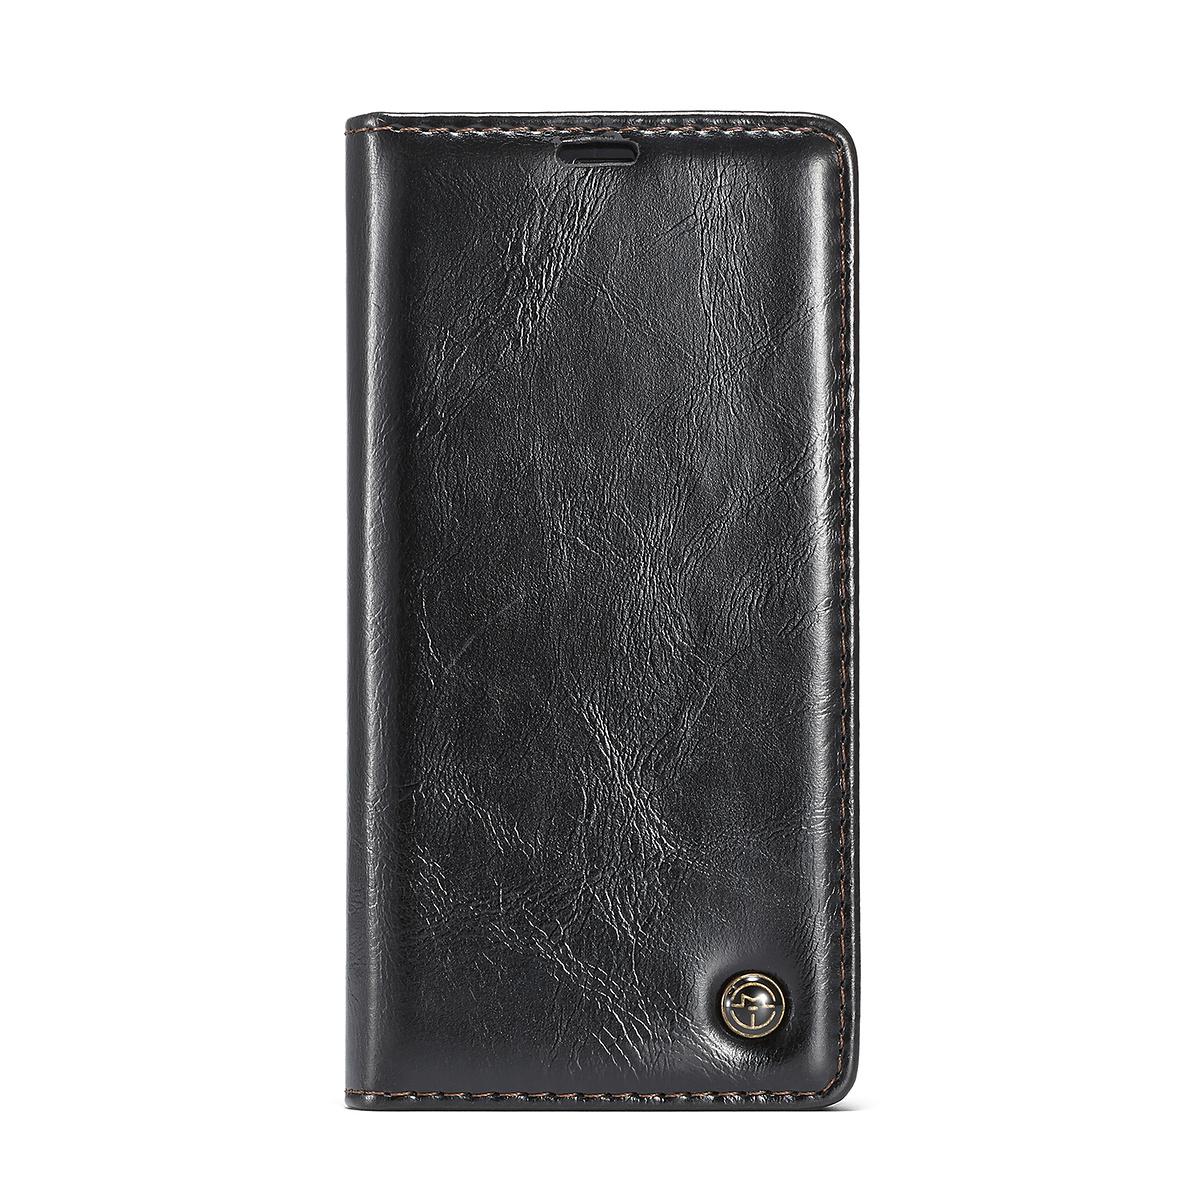 CaseMe läderfodral, ställ, iPhone XS Max, svart